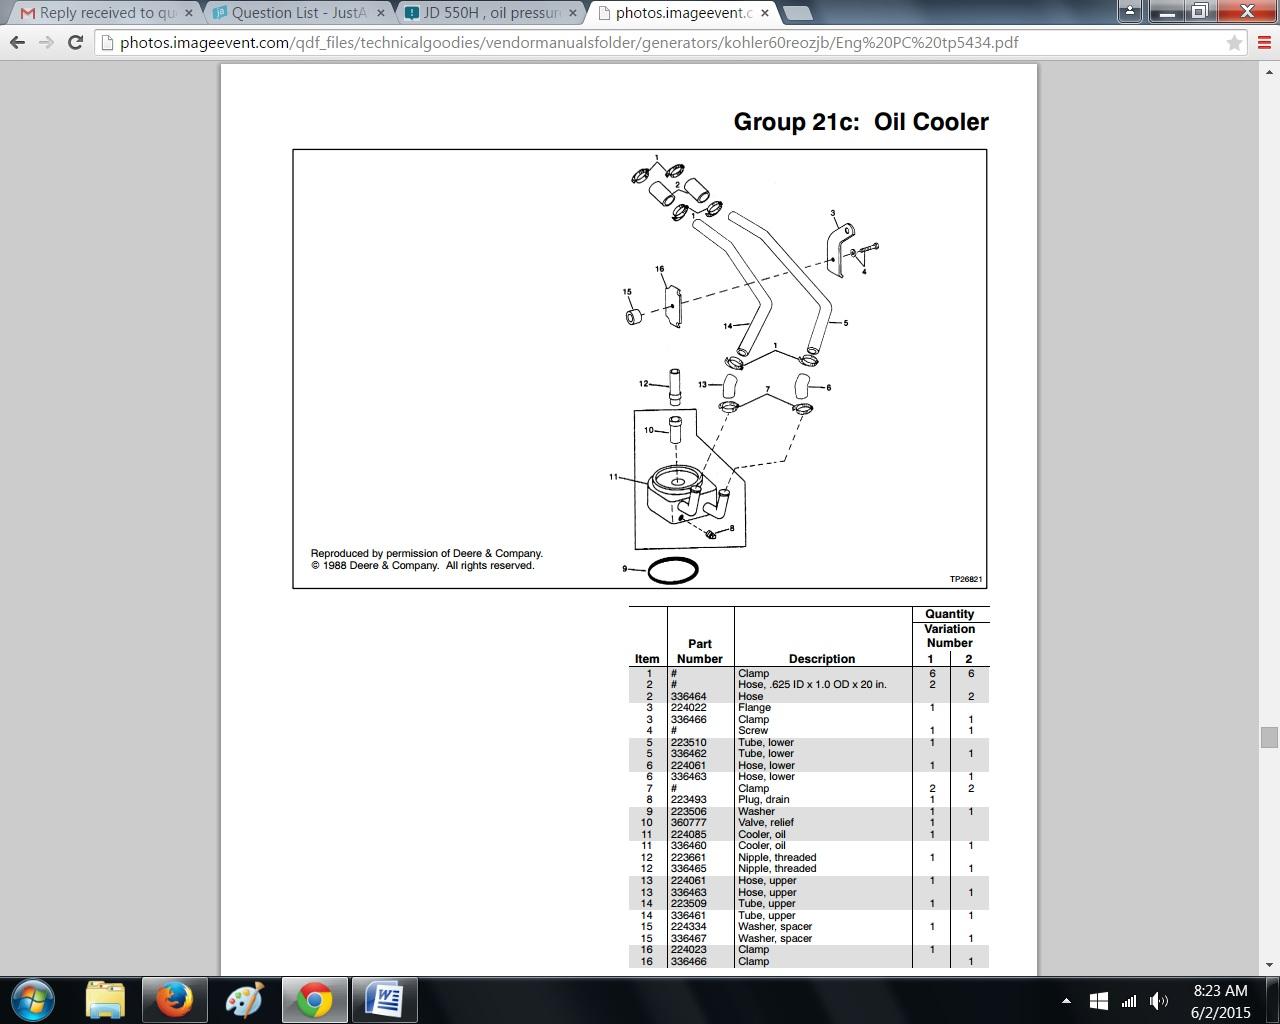 55aab03e-5f95-4bf2-bb39-1d604ef04a9d_jdoil cooler.jpg